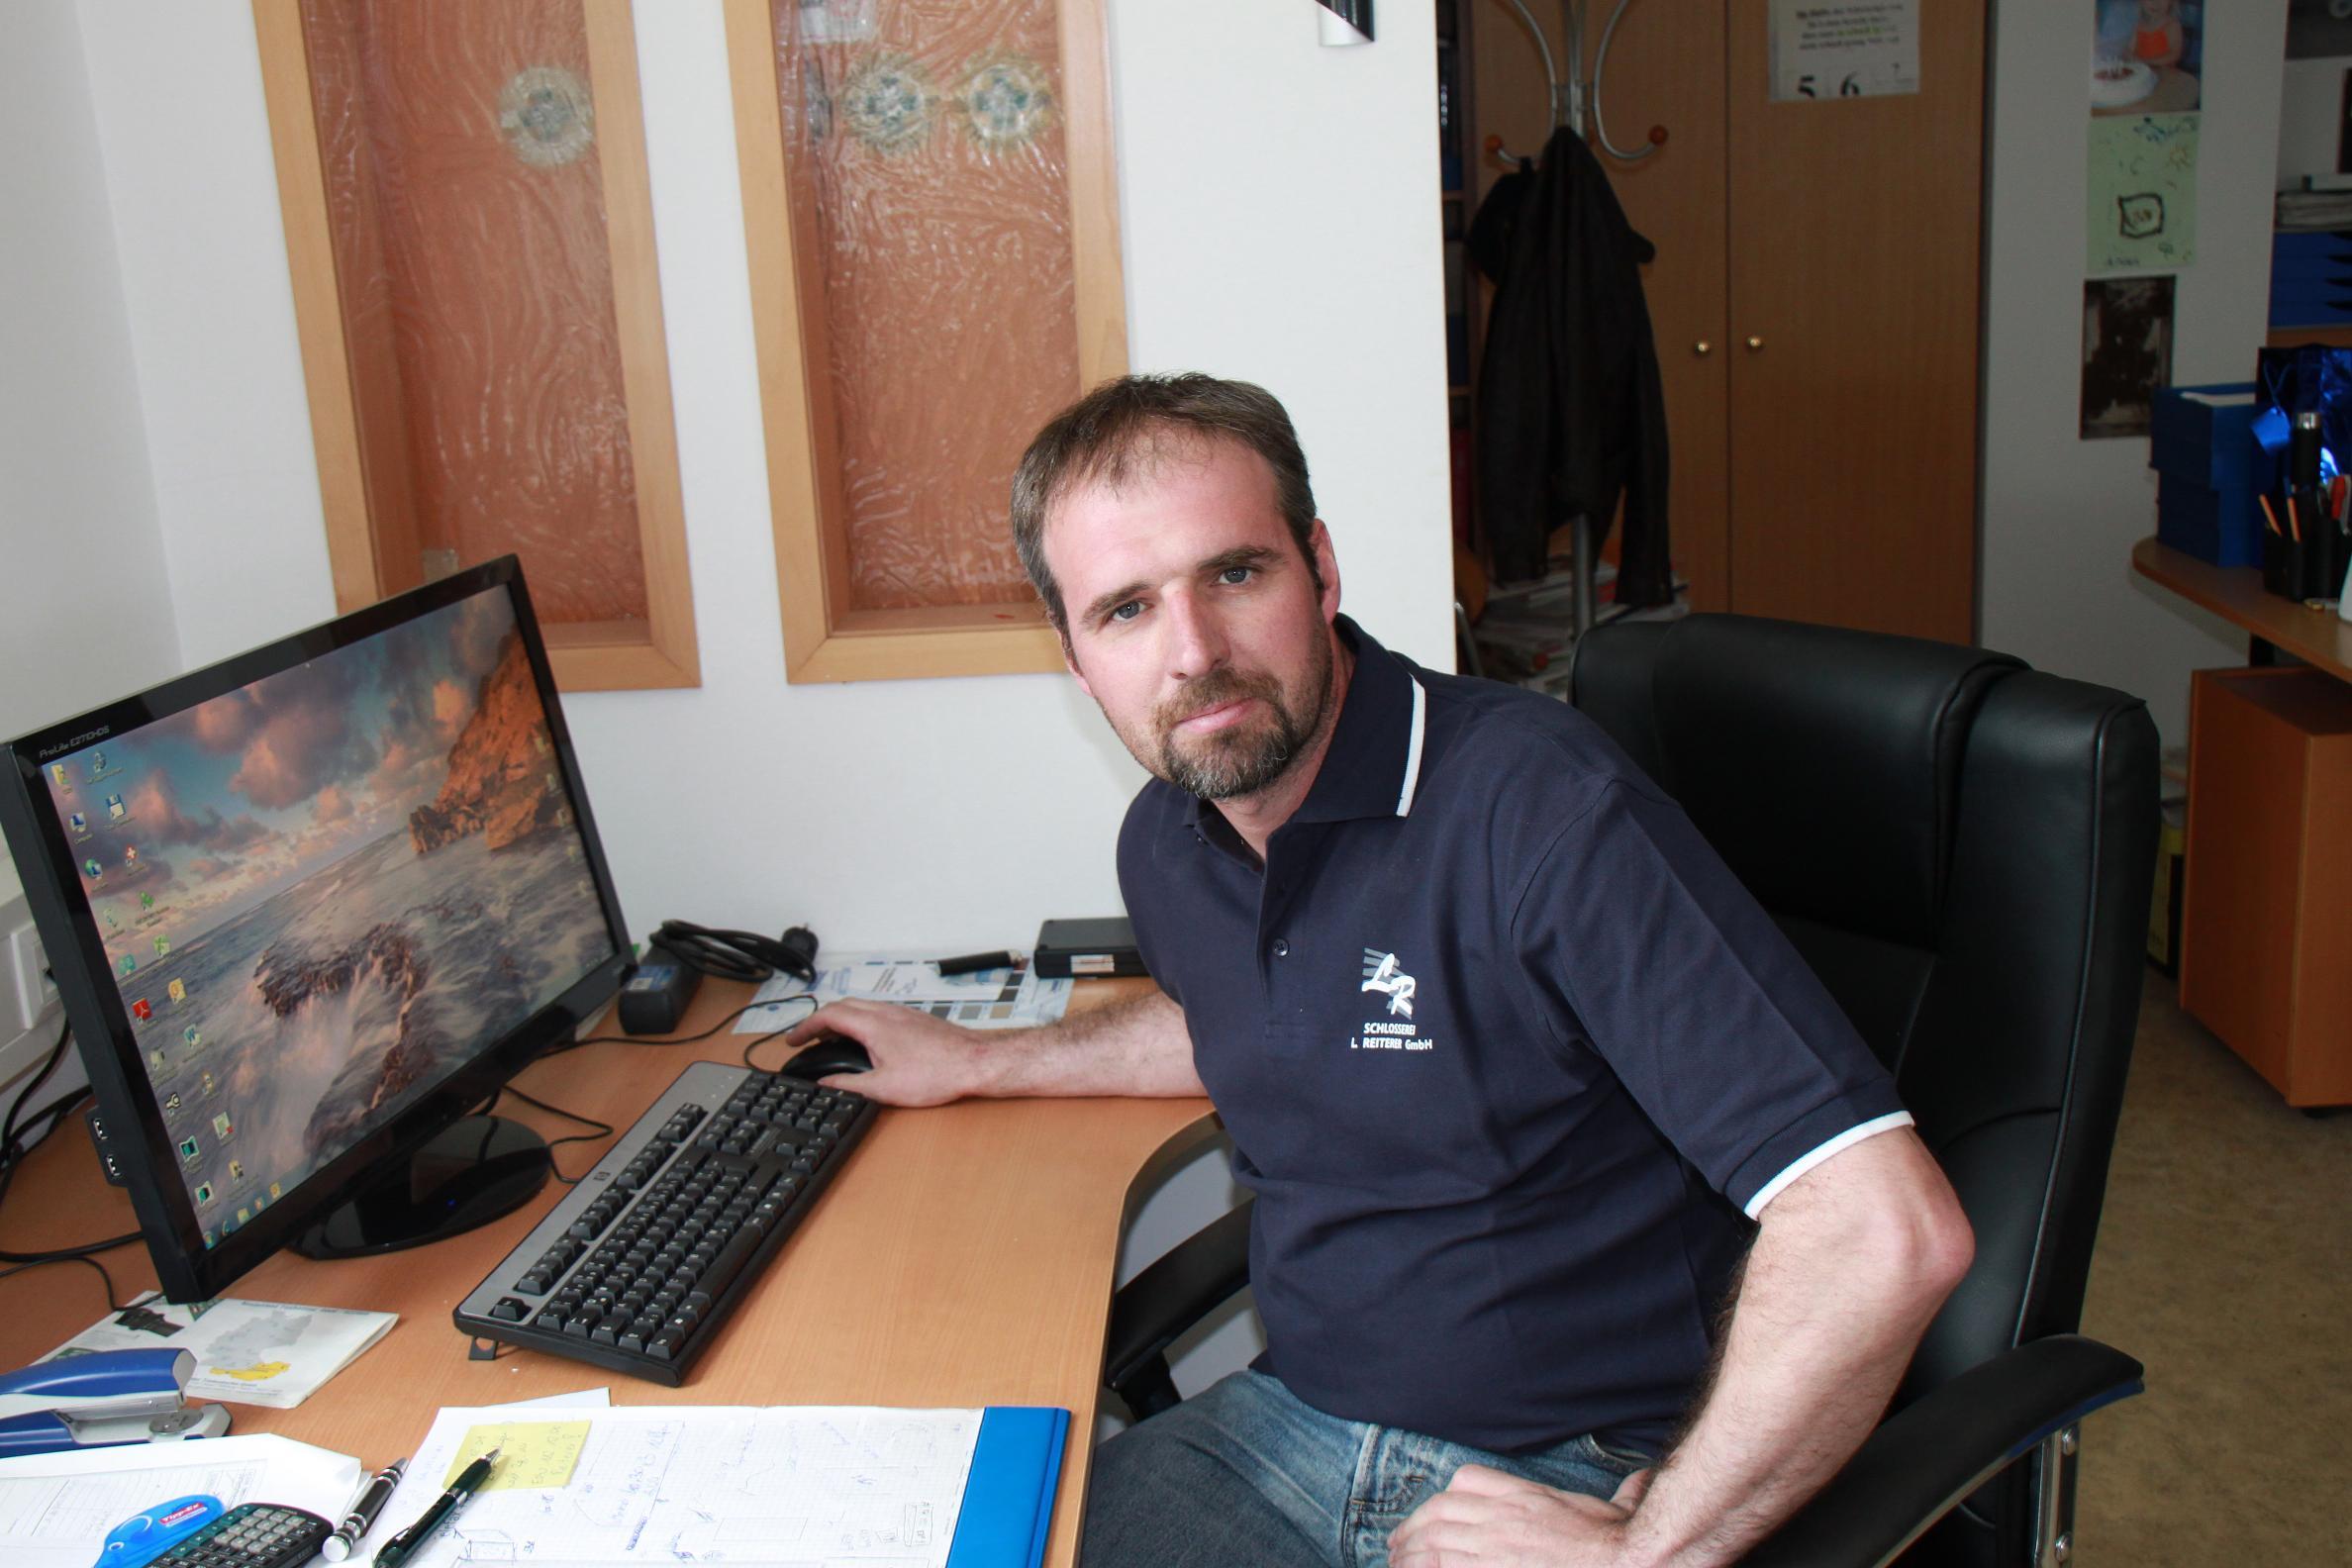 Martin Lackner